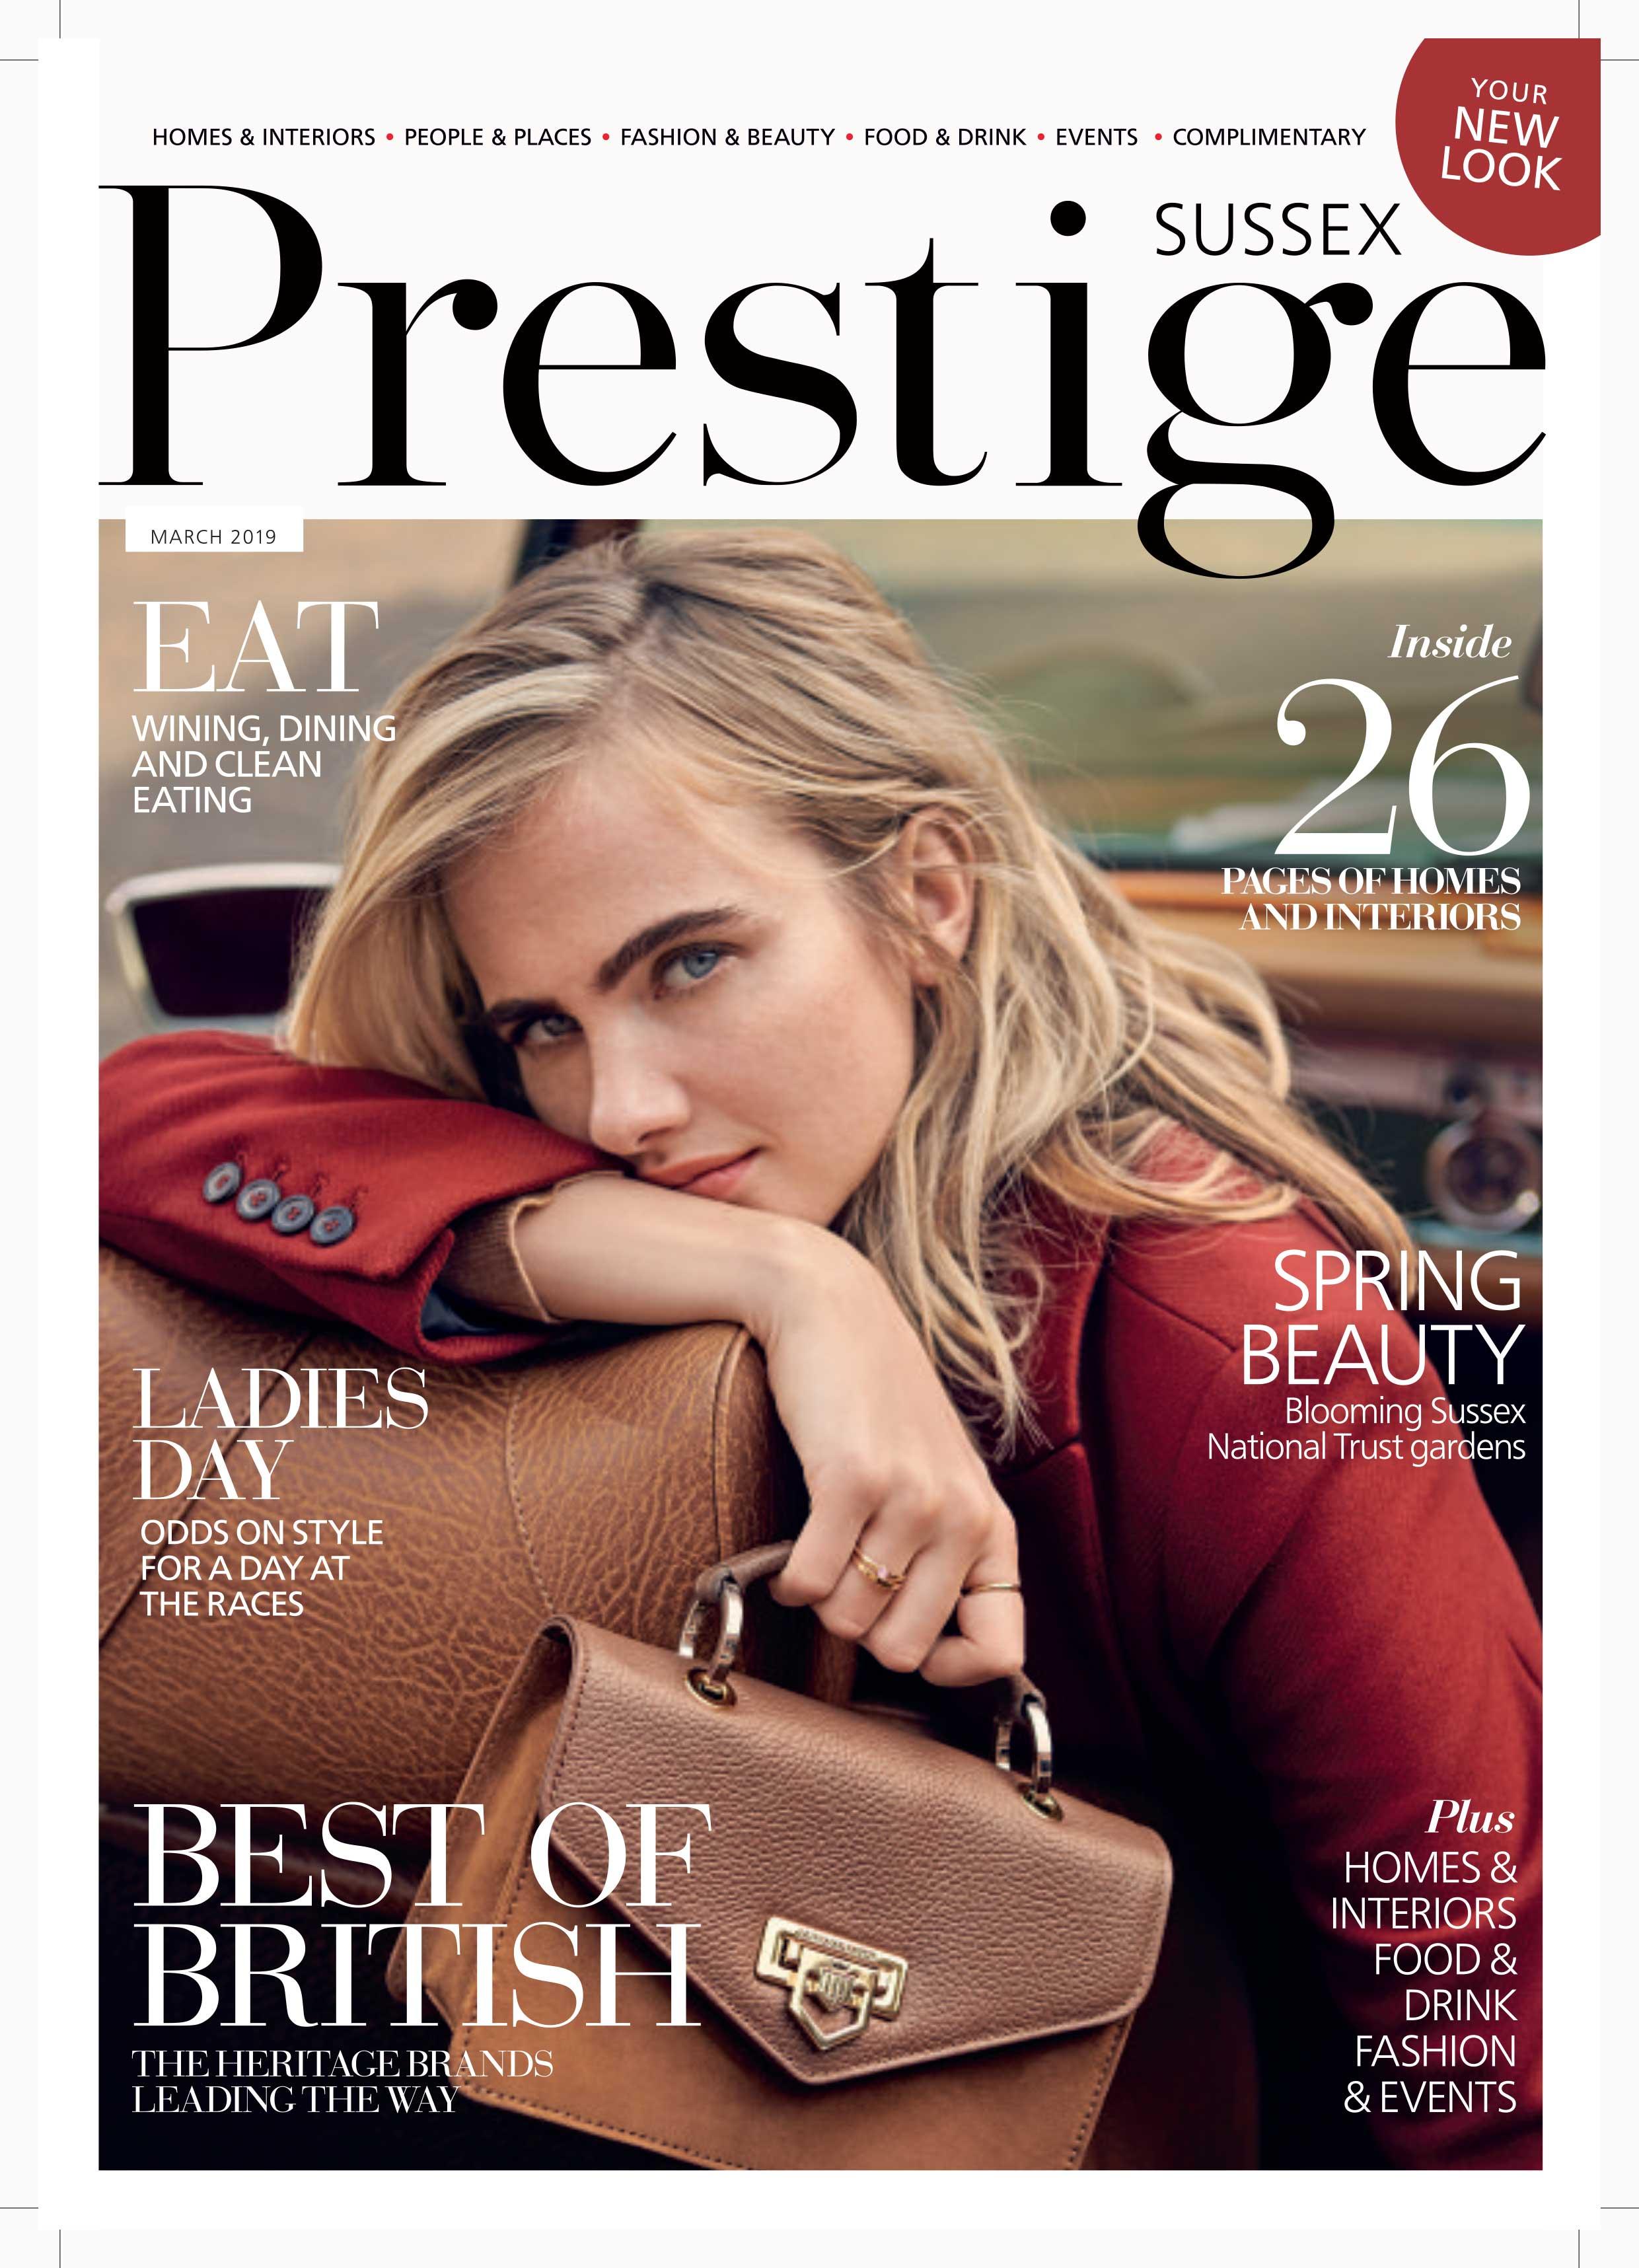 brighton interior designer prestige magazine